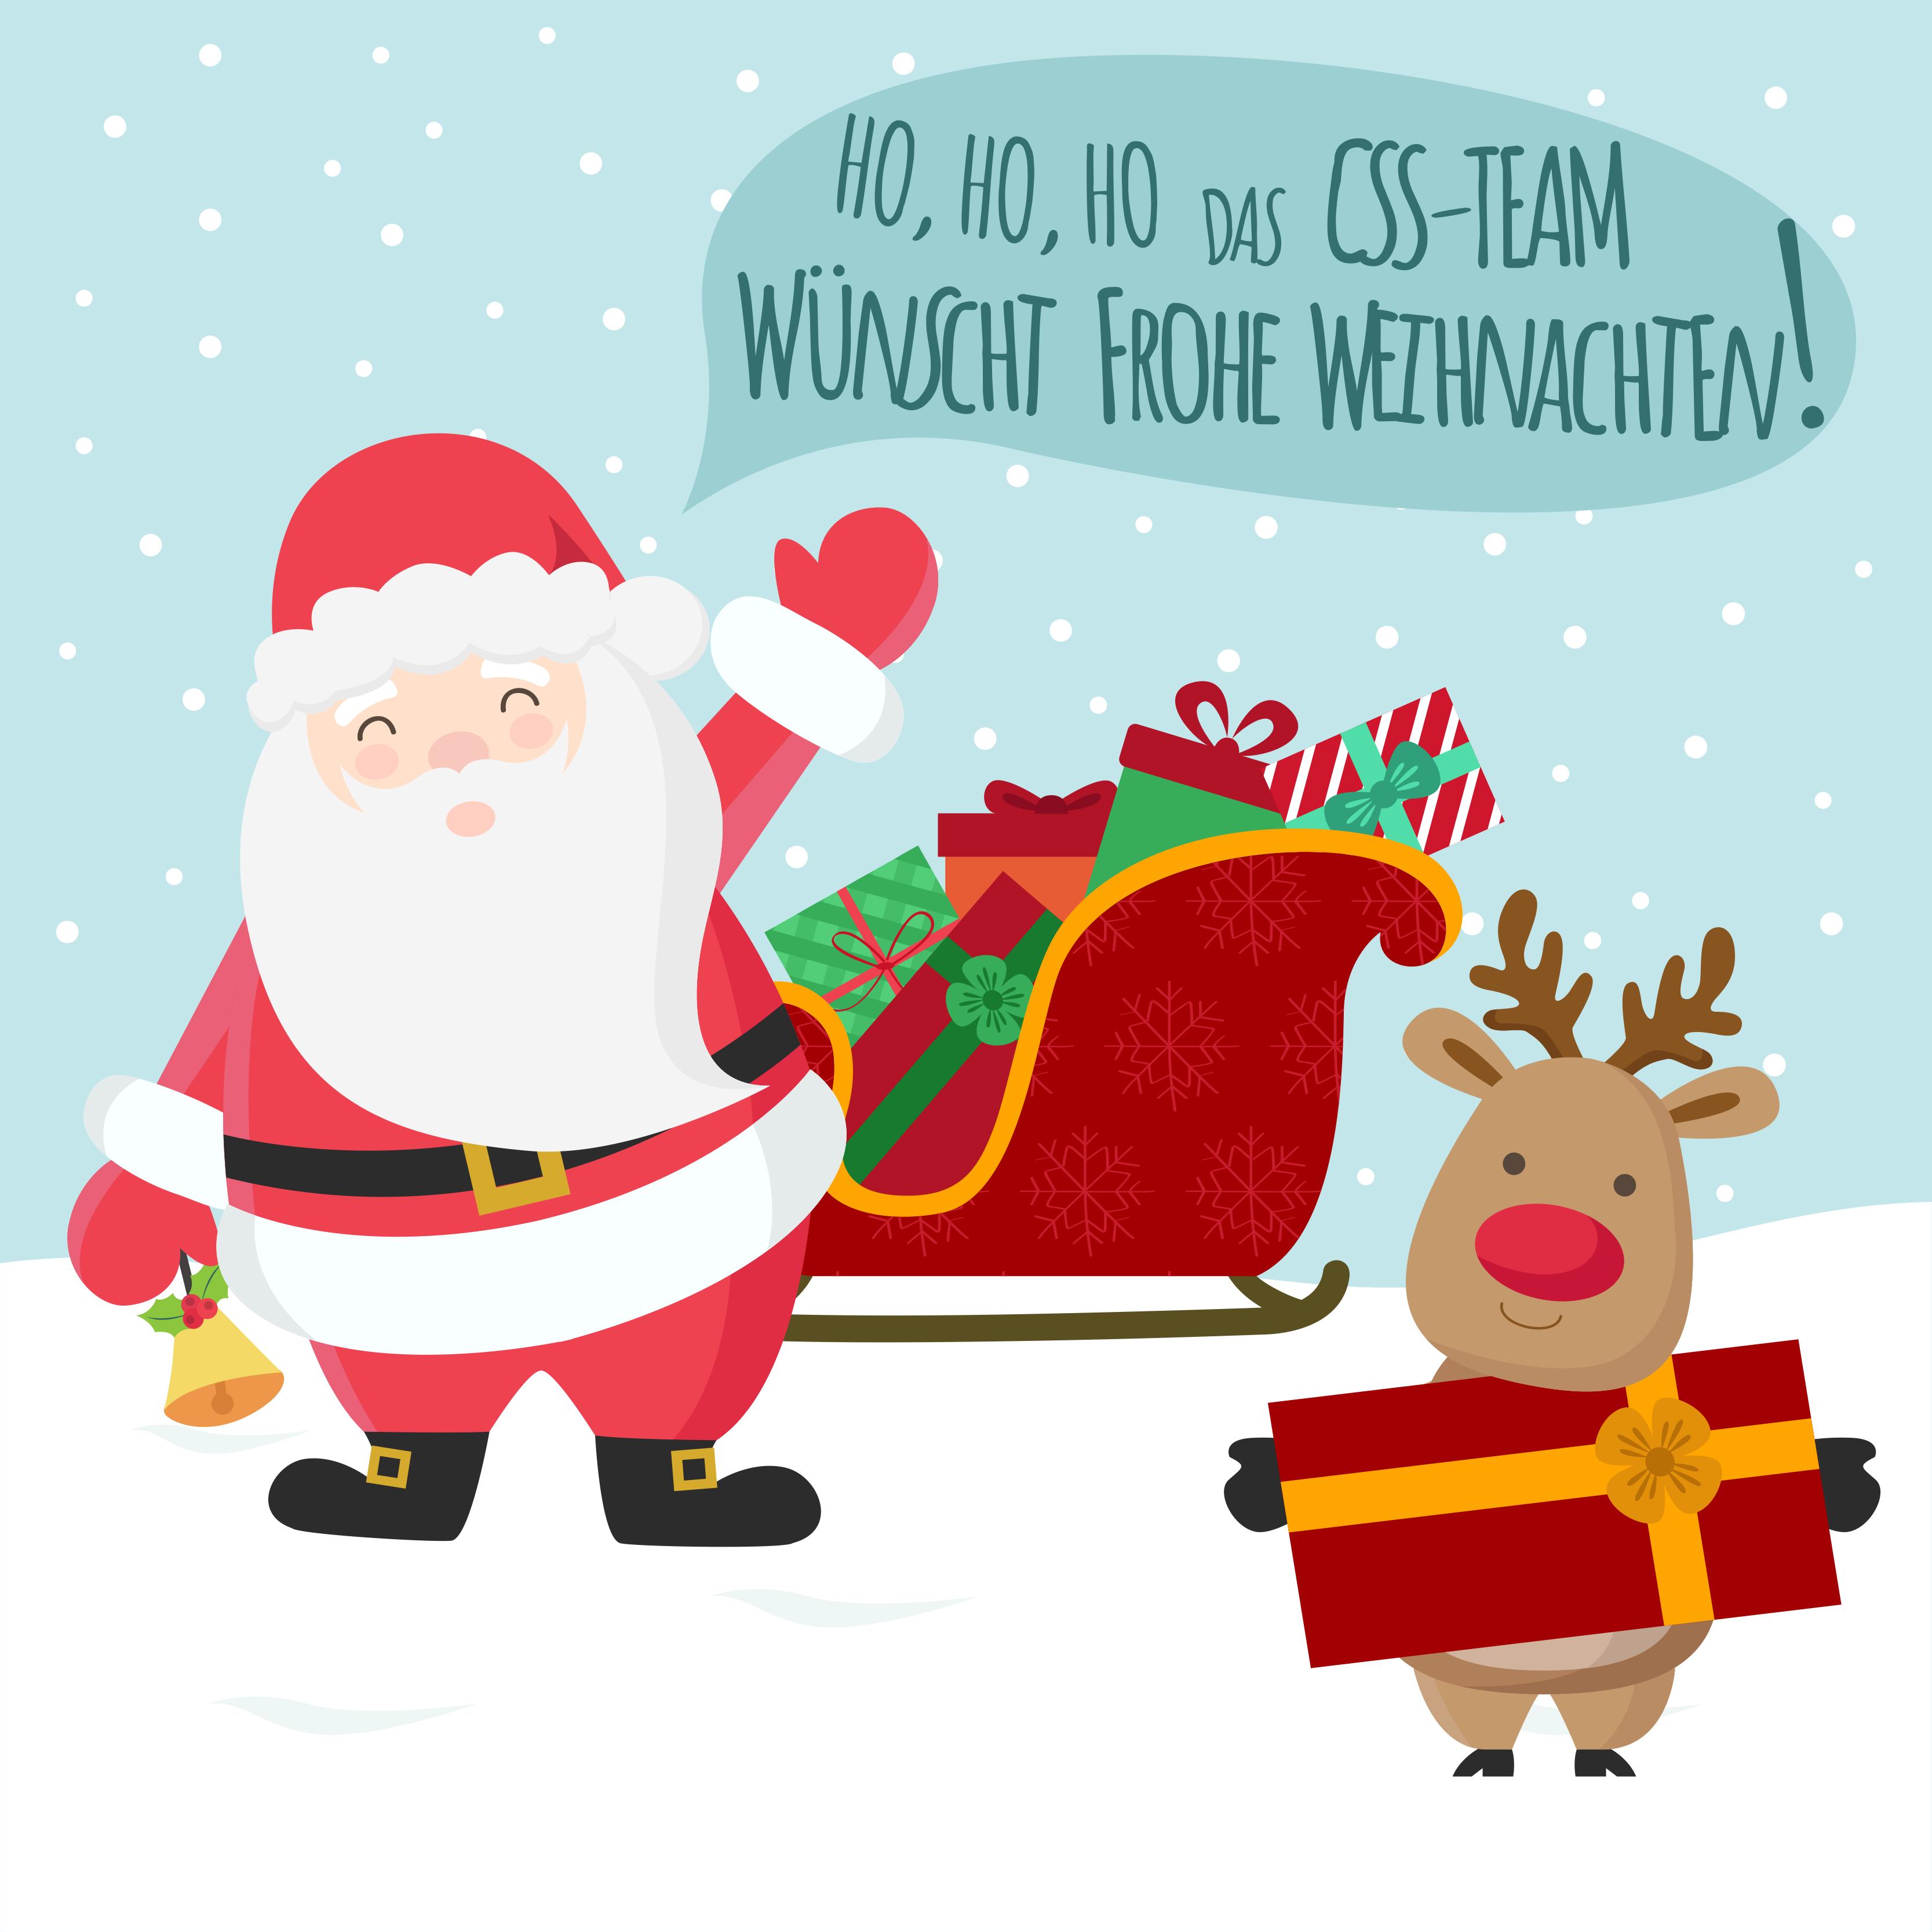 Eihnachtsgruß Wünschen Wir Euch Schöne Feiertage – Tintnwrap